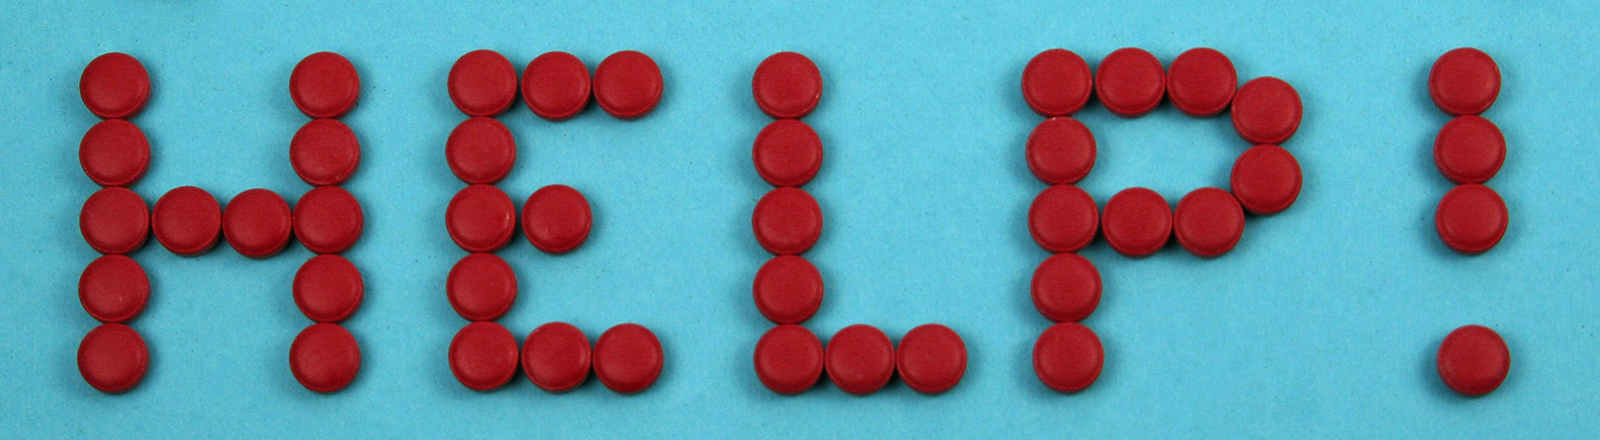 """Symbolbild Tablettensucht: Mit Tabletten ist das Wort """"help"""" geschrieben worden."""